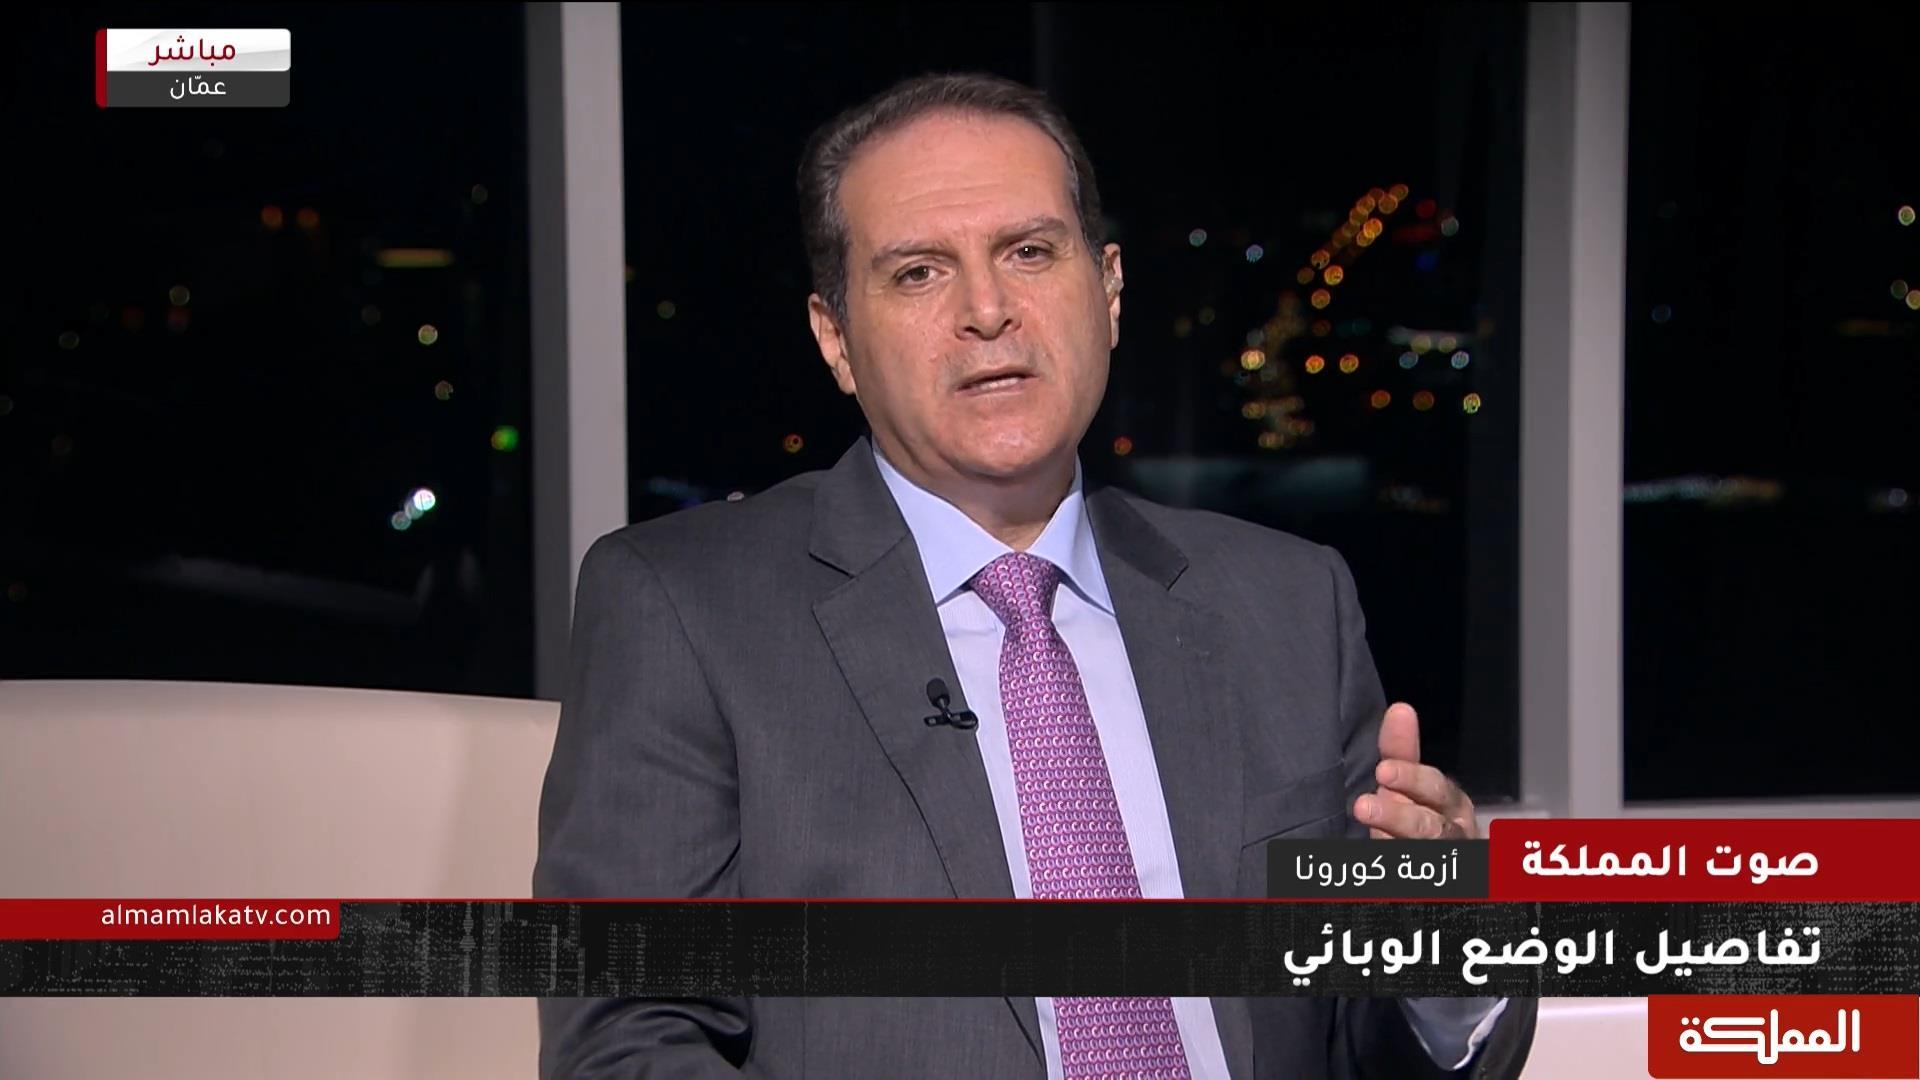 صوت المملكة | تفاصيل الوضع الوبائي في الأردن